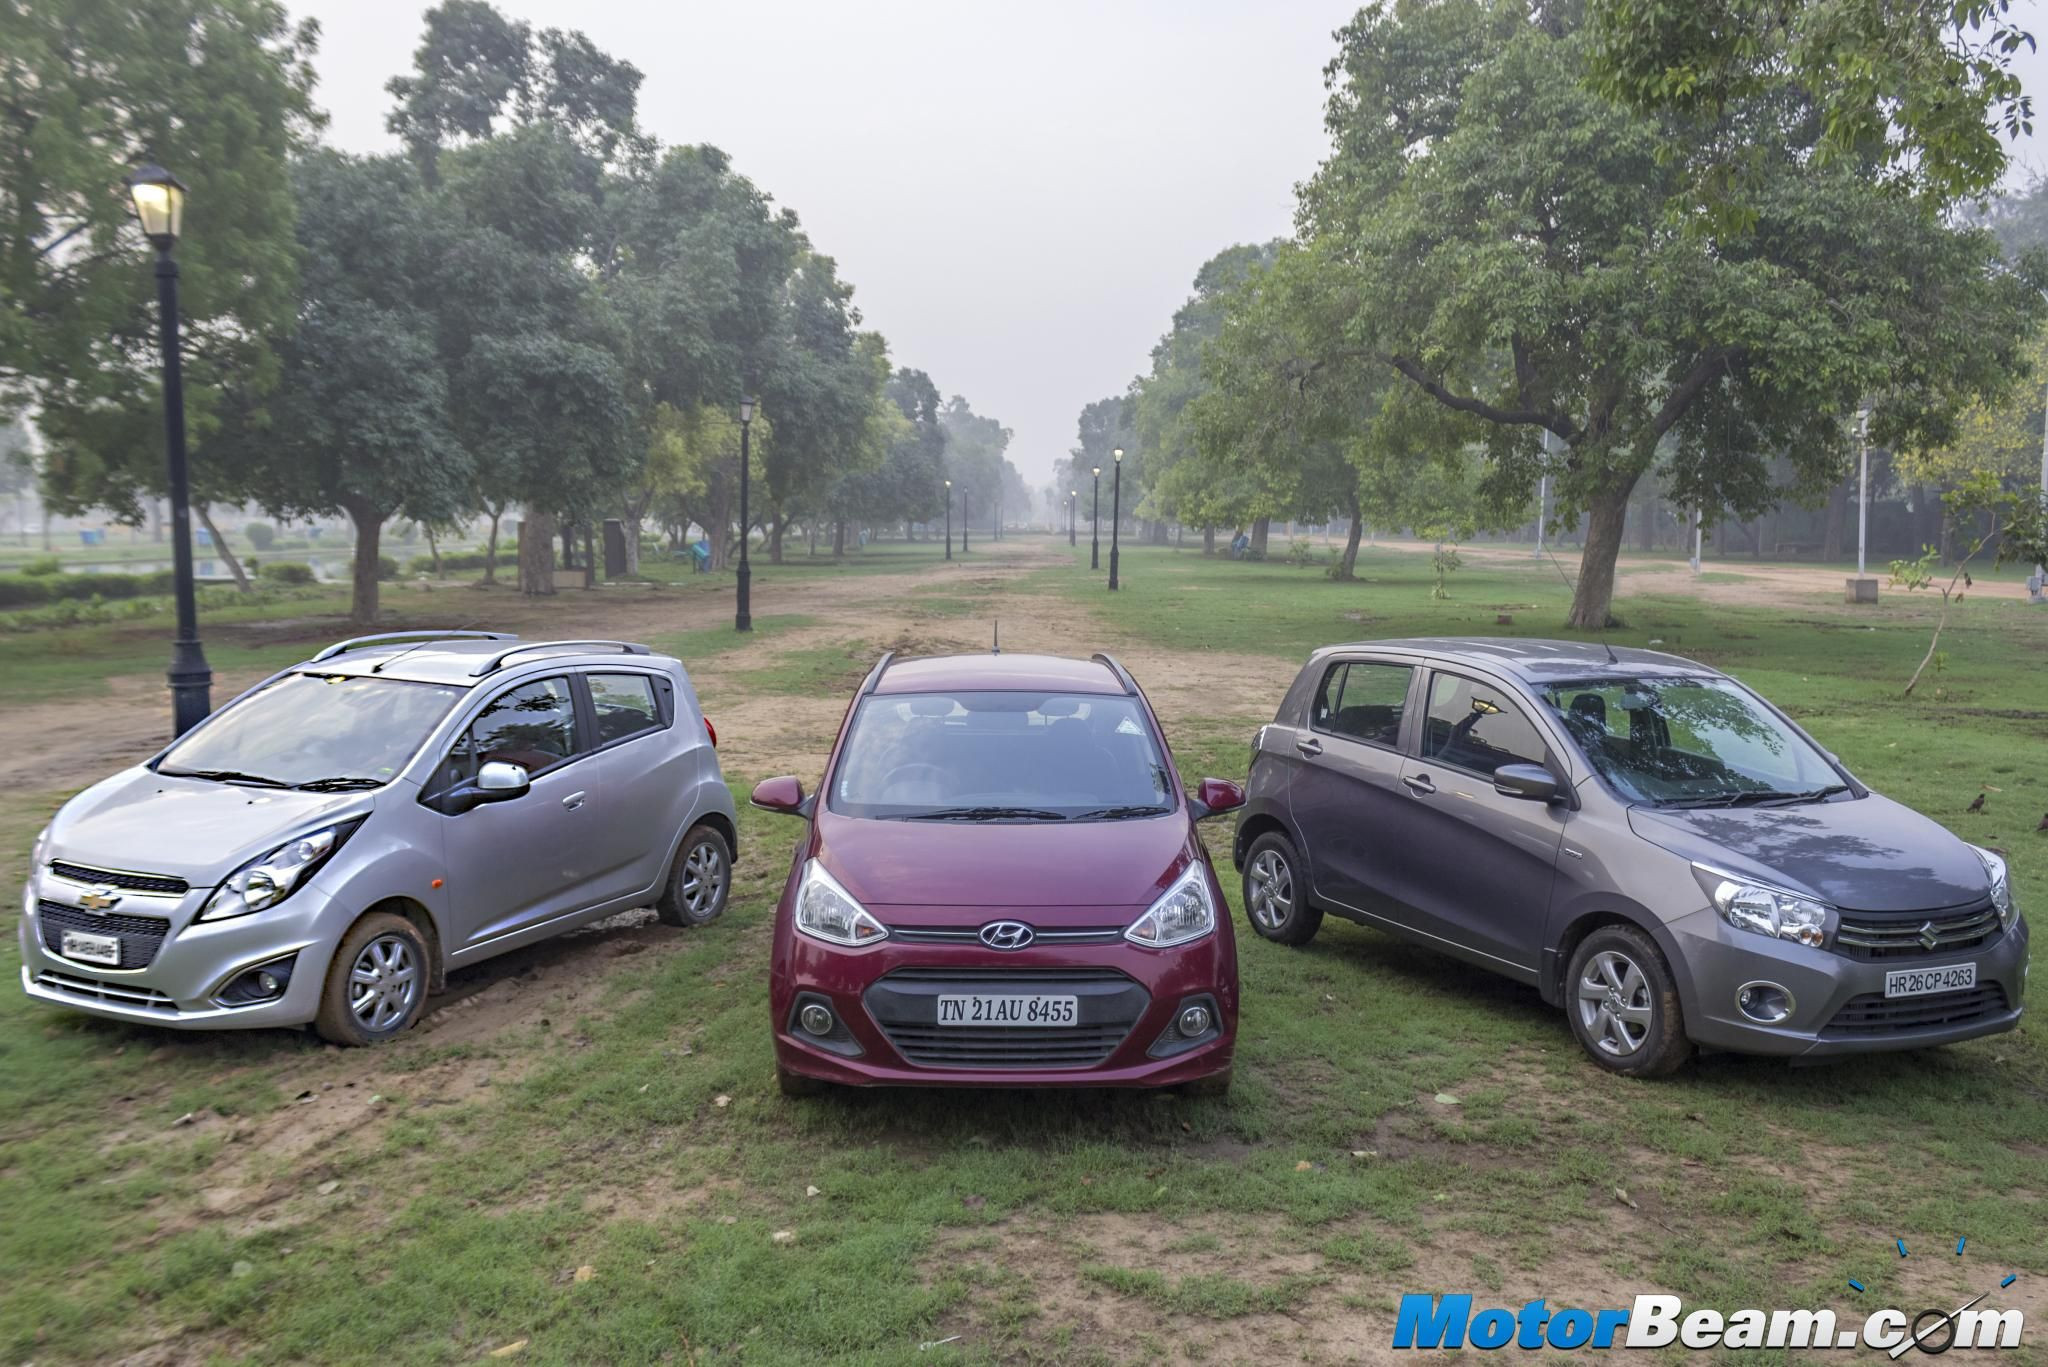 Chevrolet Beat Vs Maruti Celerio Vs Hyundai Grand I10 Diesel